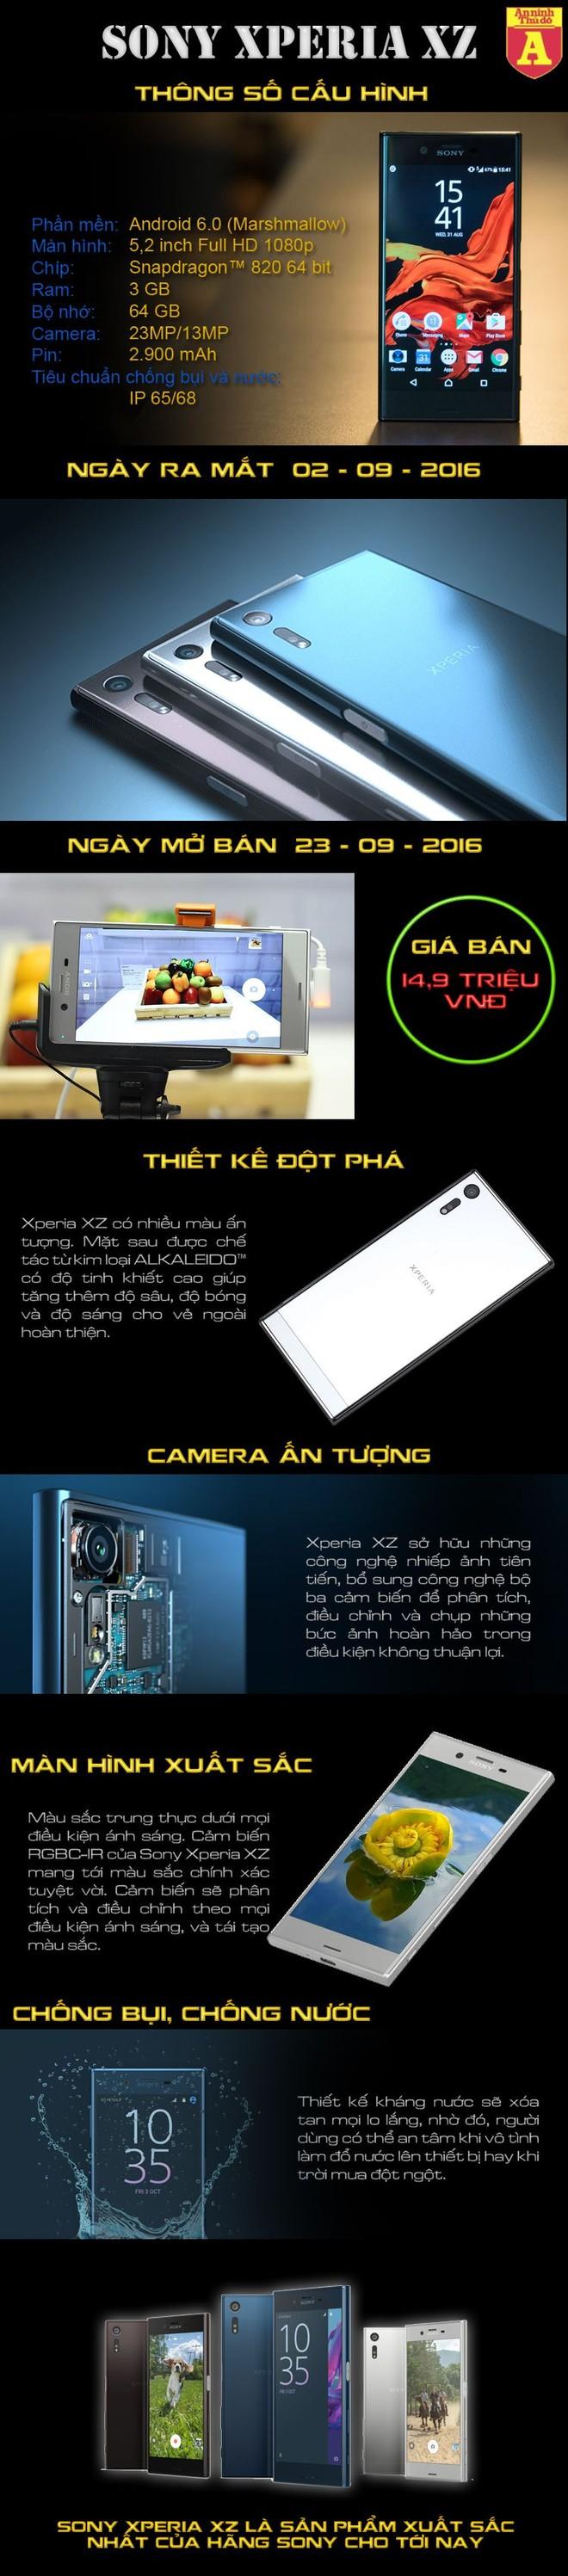 [Infographic] Sony Xperia XZ - đỉnh cao của điện thoại chạy hệ điều hành Android ảnh 2